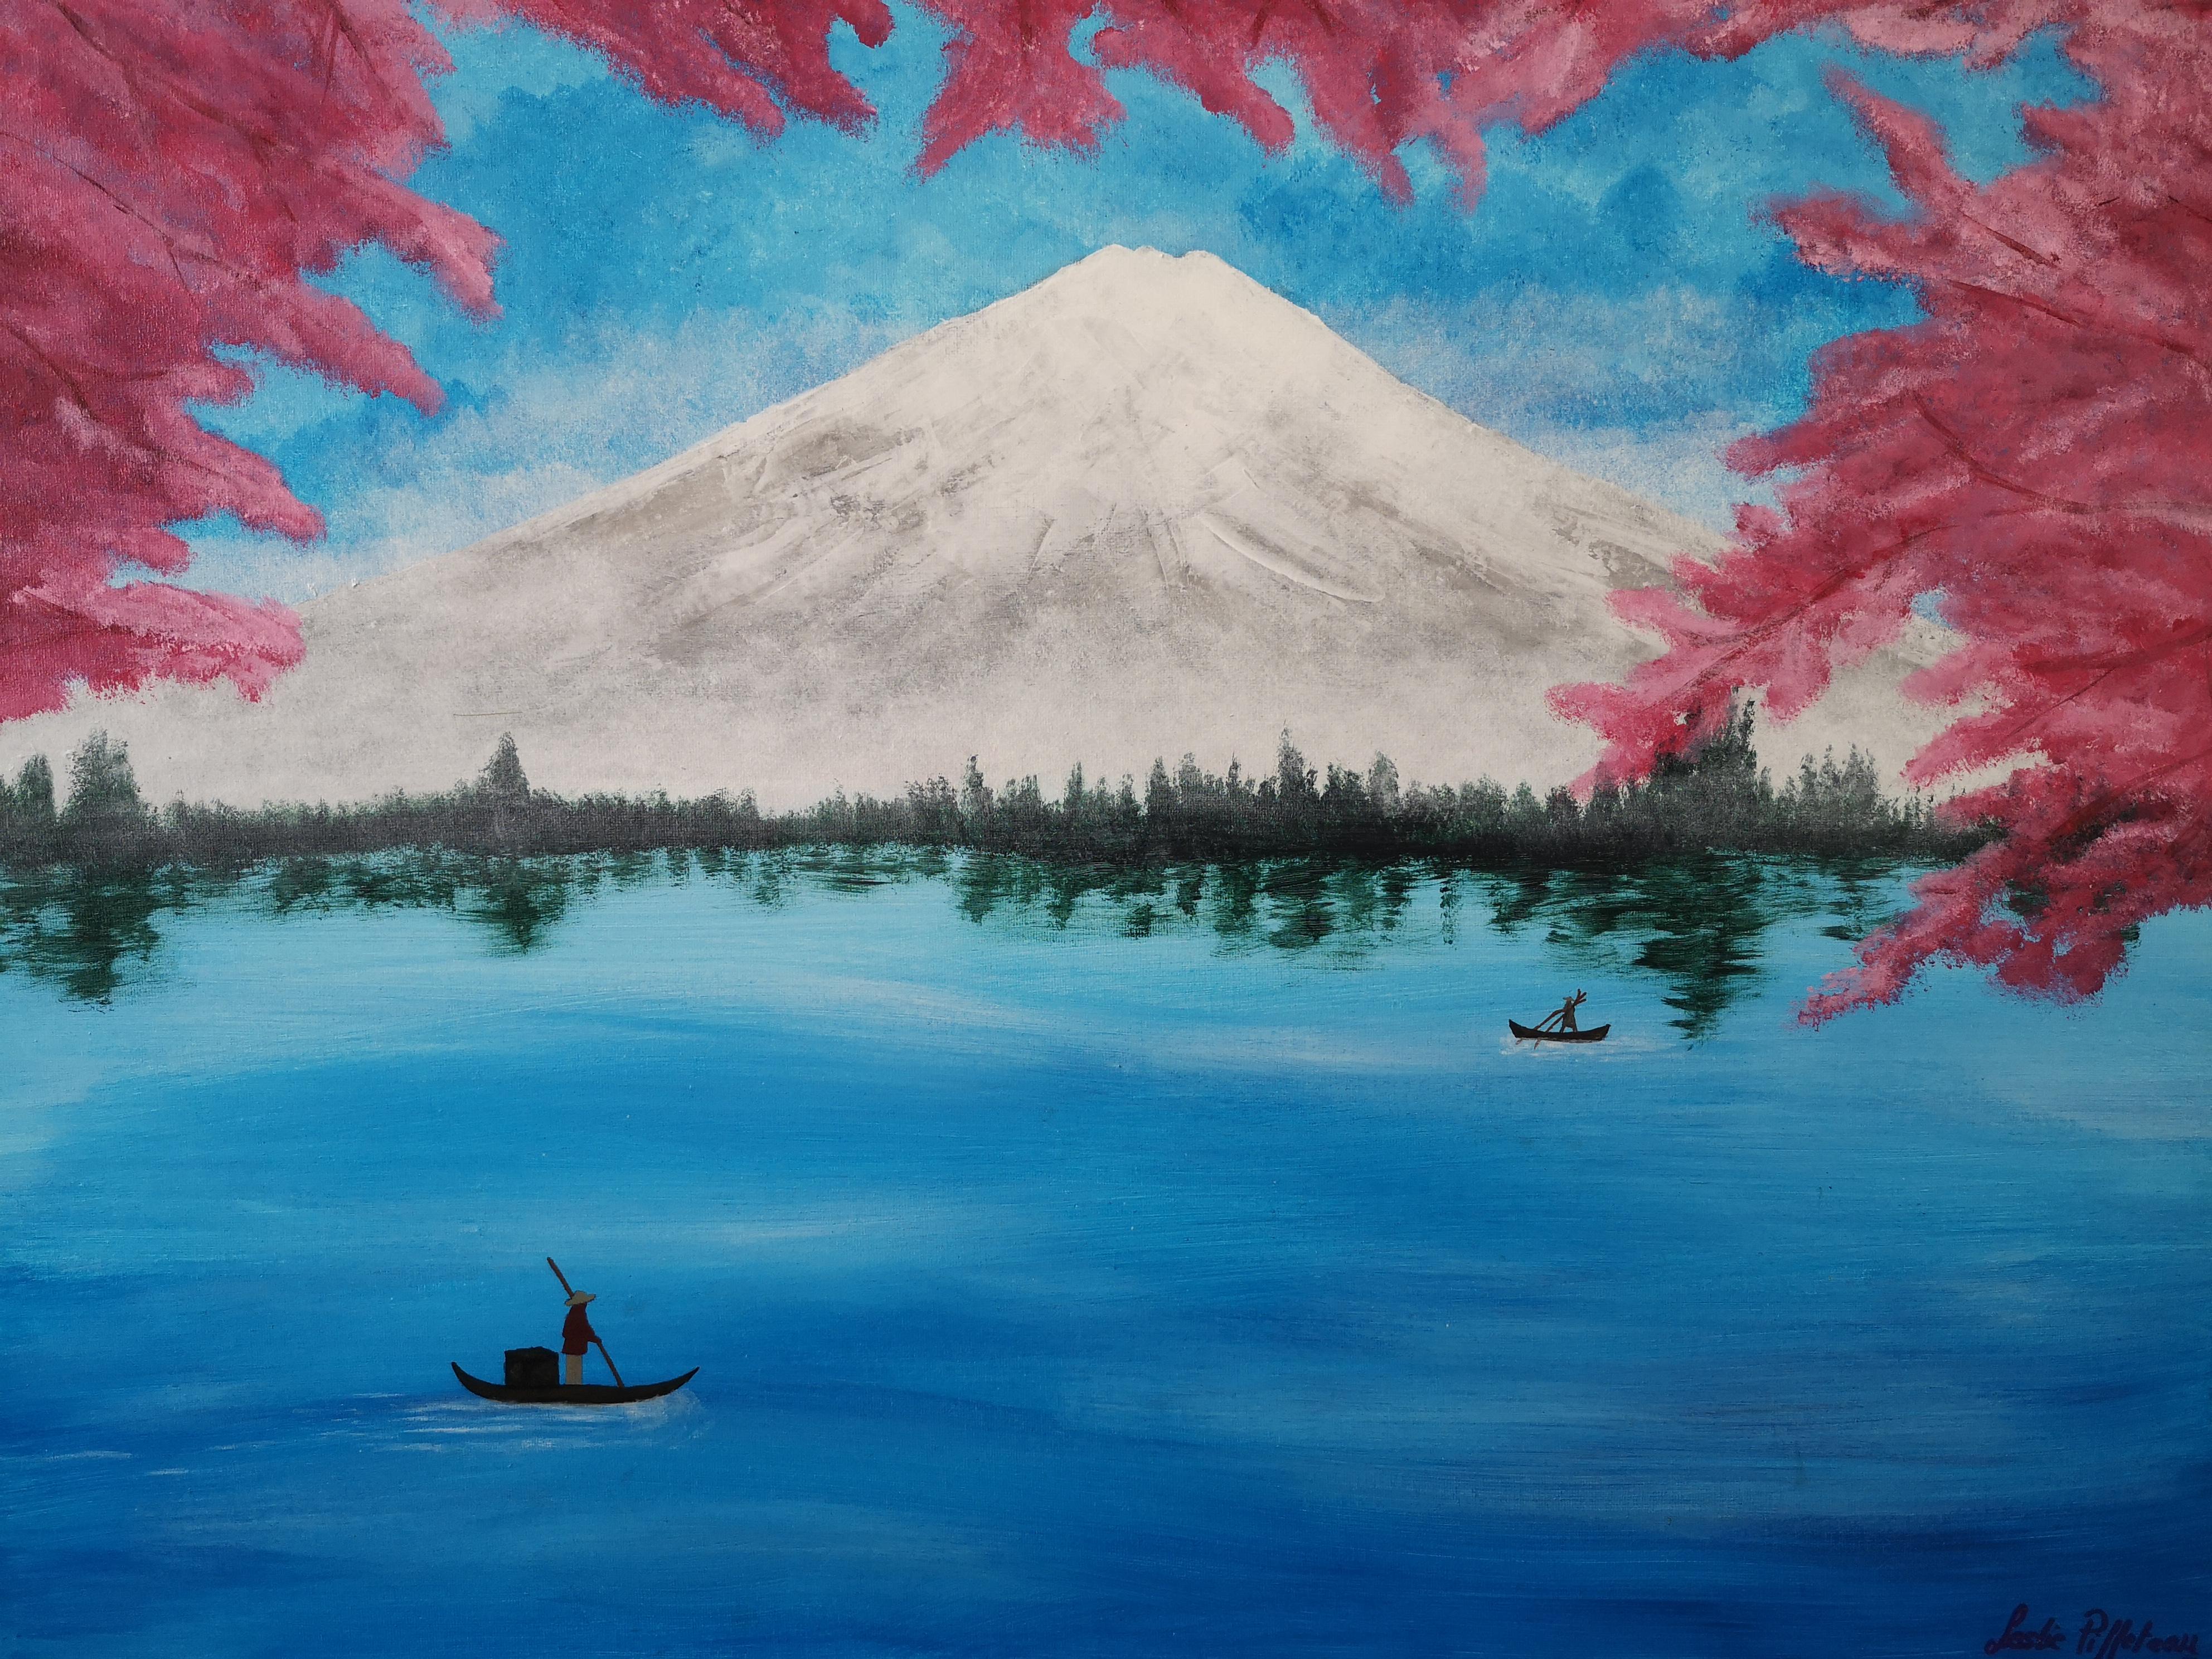 Yicca Mont Fuji Leslie Piffeteau